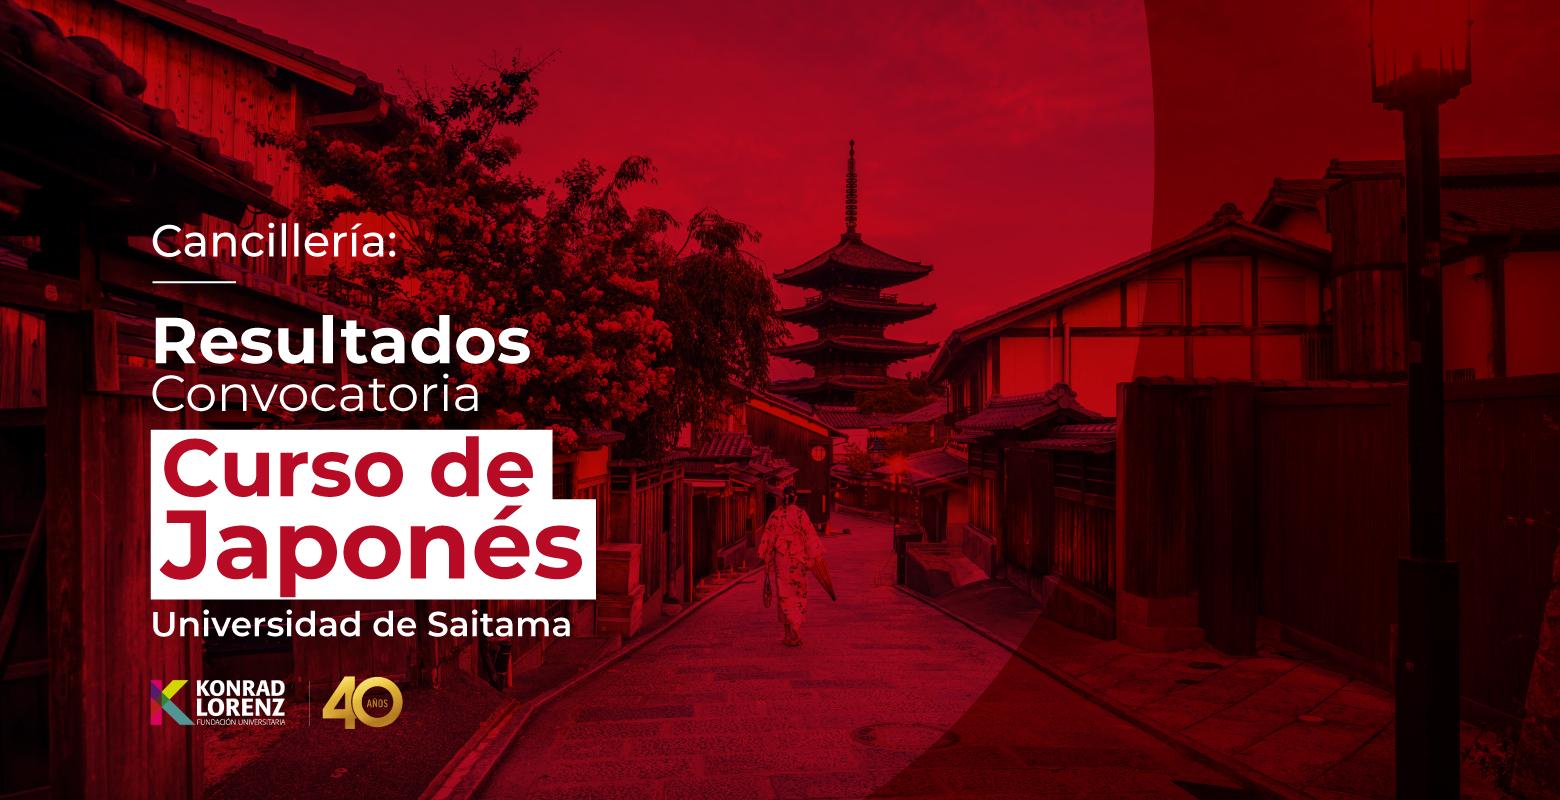 Cancillería: Resultados de la Convocatoria del Curso de Japonés de la Universidad de Saitama